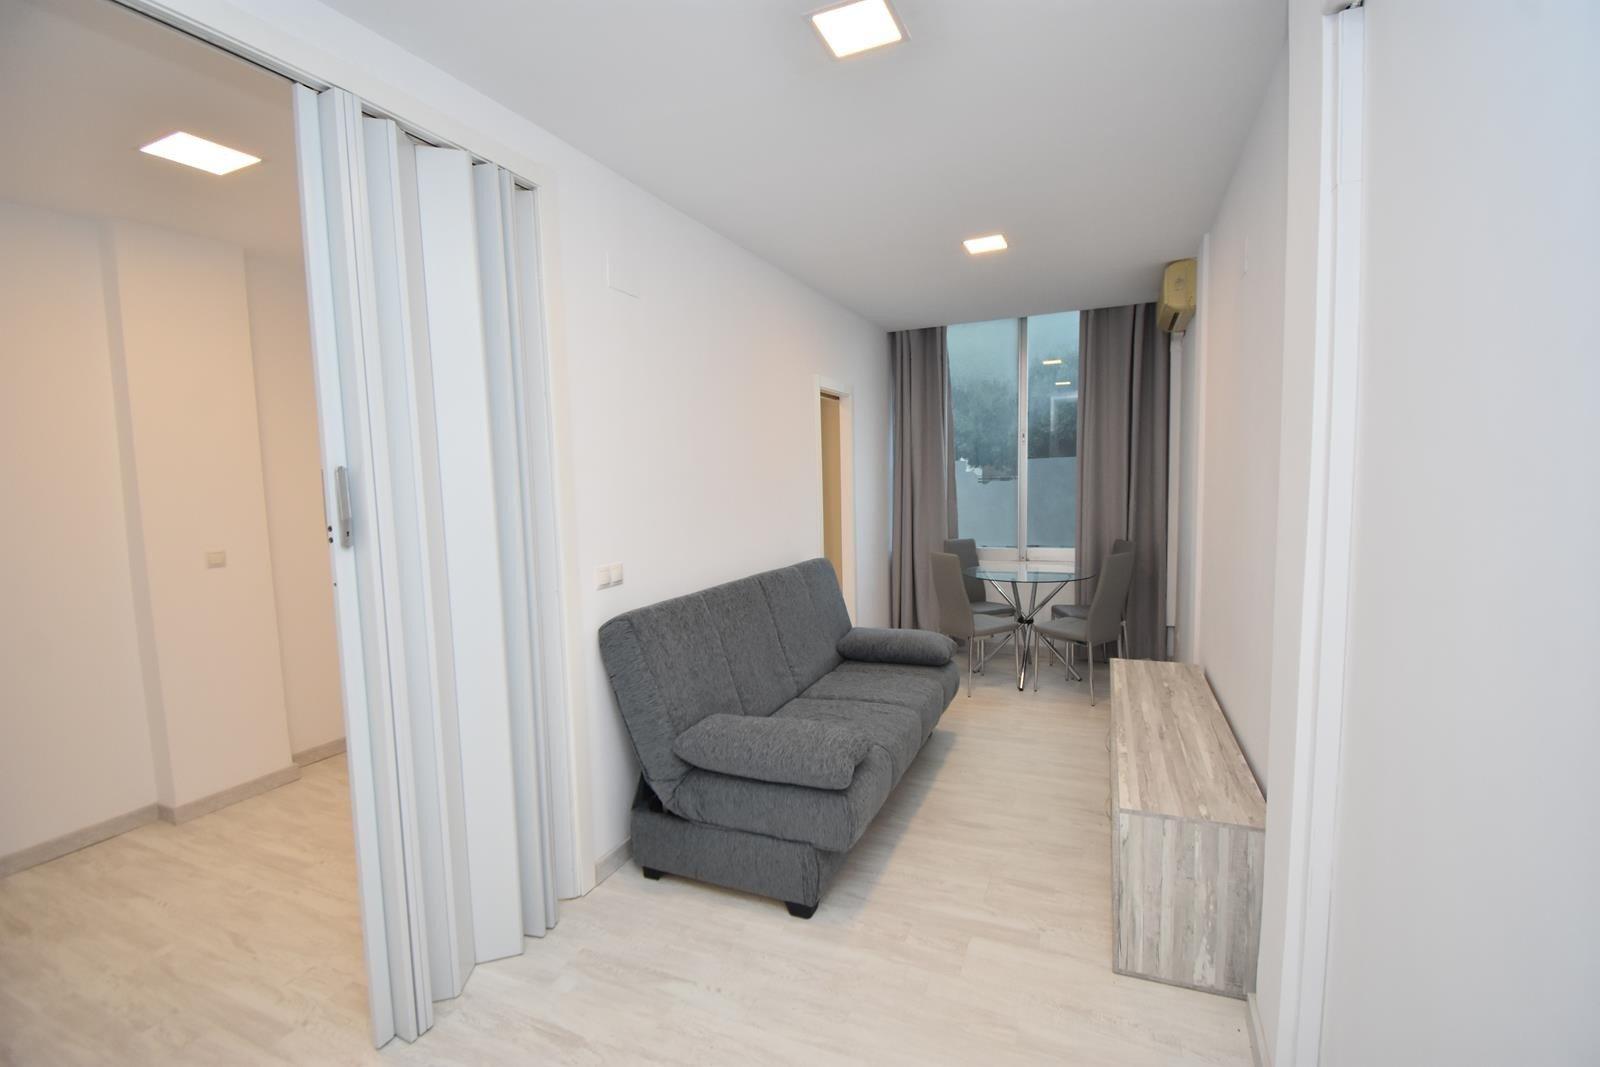 Apartment for sale in Torremolinos - Málaga